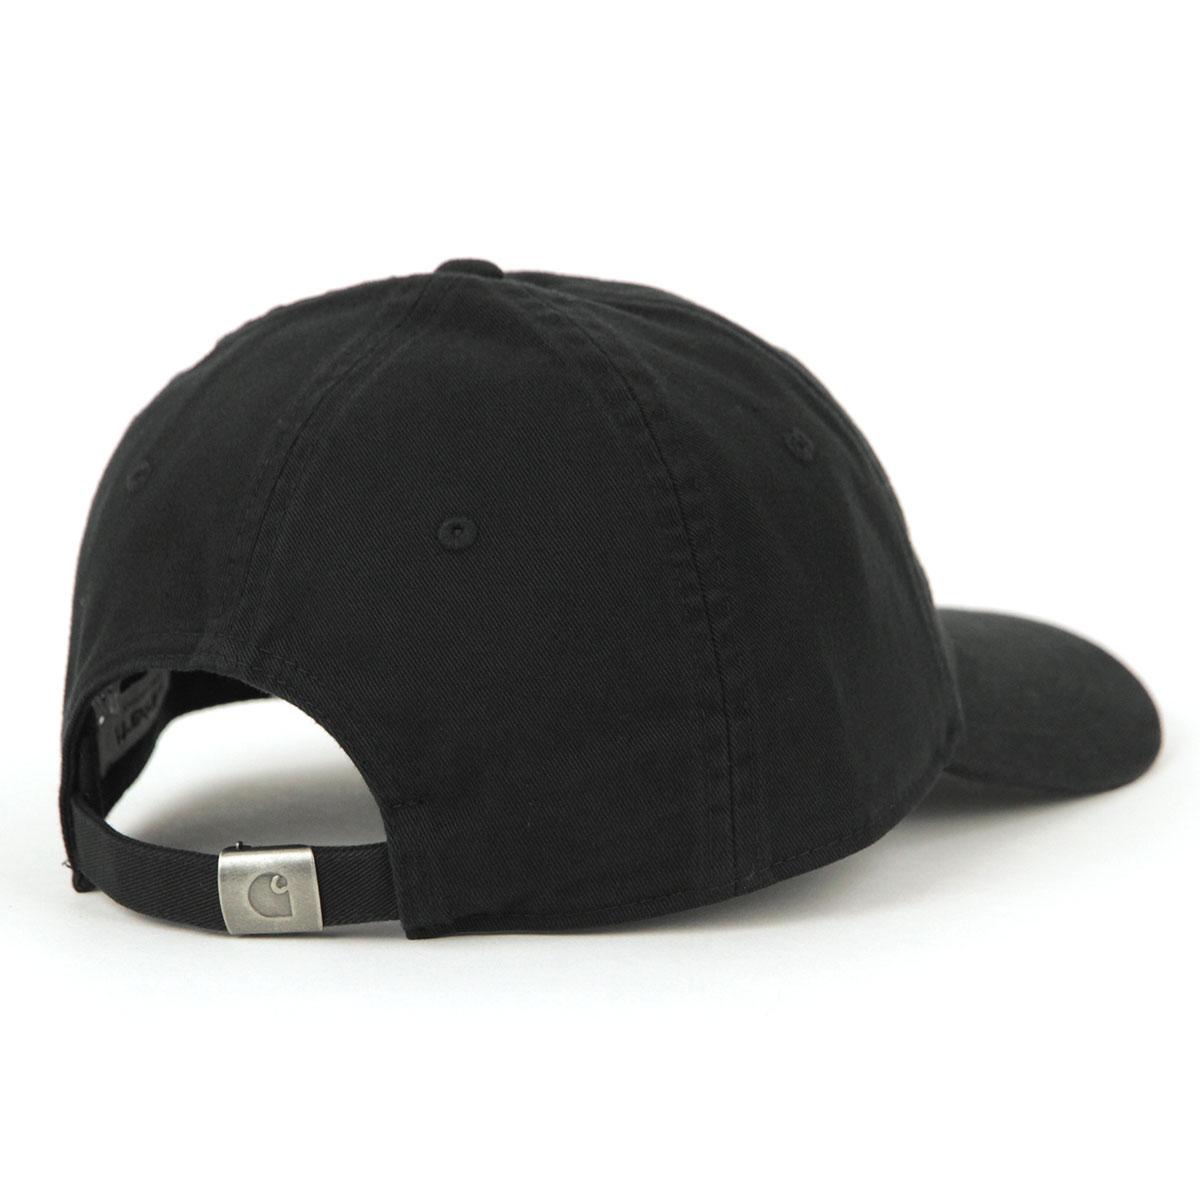 カーハート キャップ メンズ 正規品 CARHARTT WIP キャップ 帽子 ロゴキャップ MADISON LOGO CAP BLACK/WHITE I023750 89 AB0B B3C C3D D4E E13F